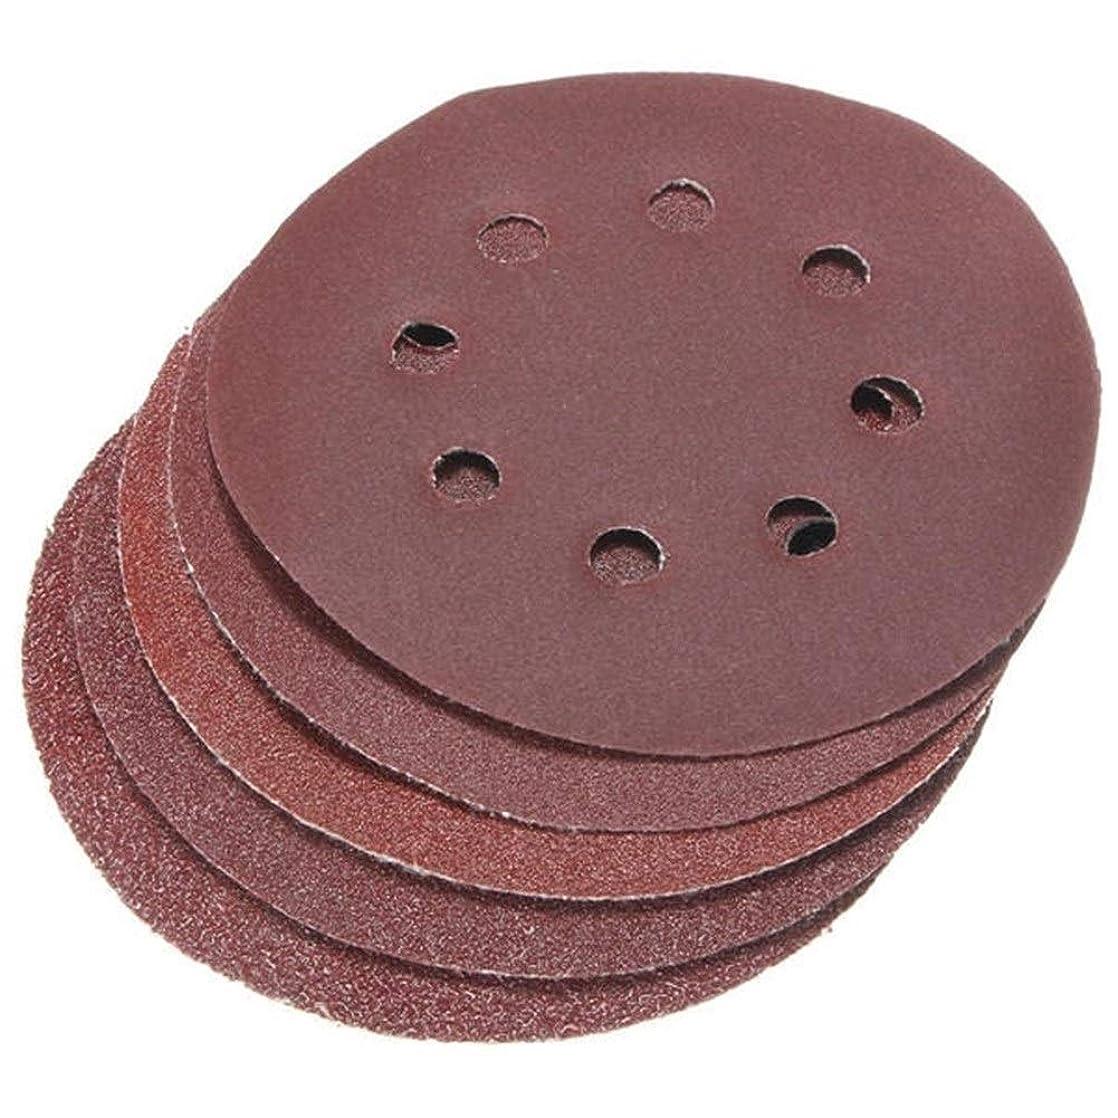 建てる前部膨張するGhlis Maigt 50個8穴研磨砂ディスク研磨紙40 60 80120240砂紙